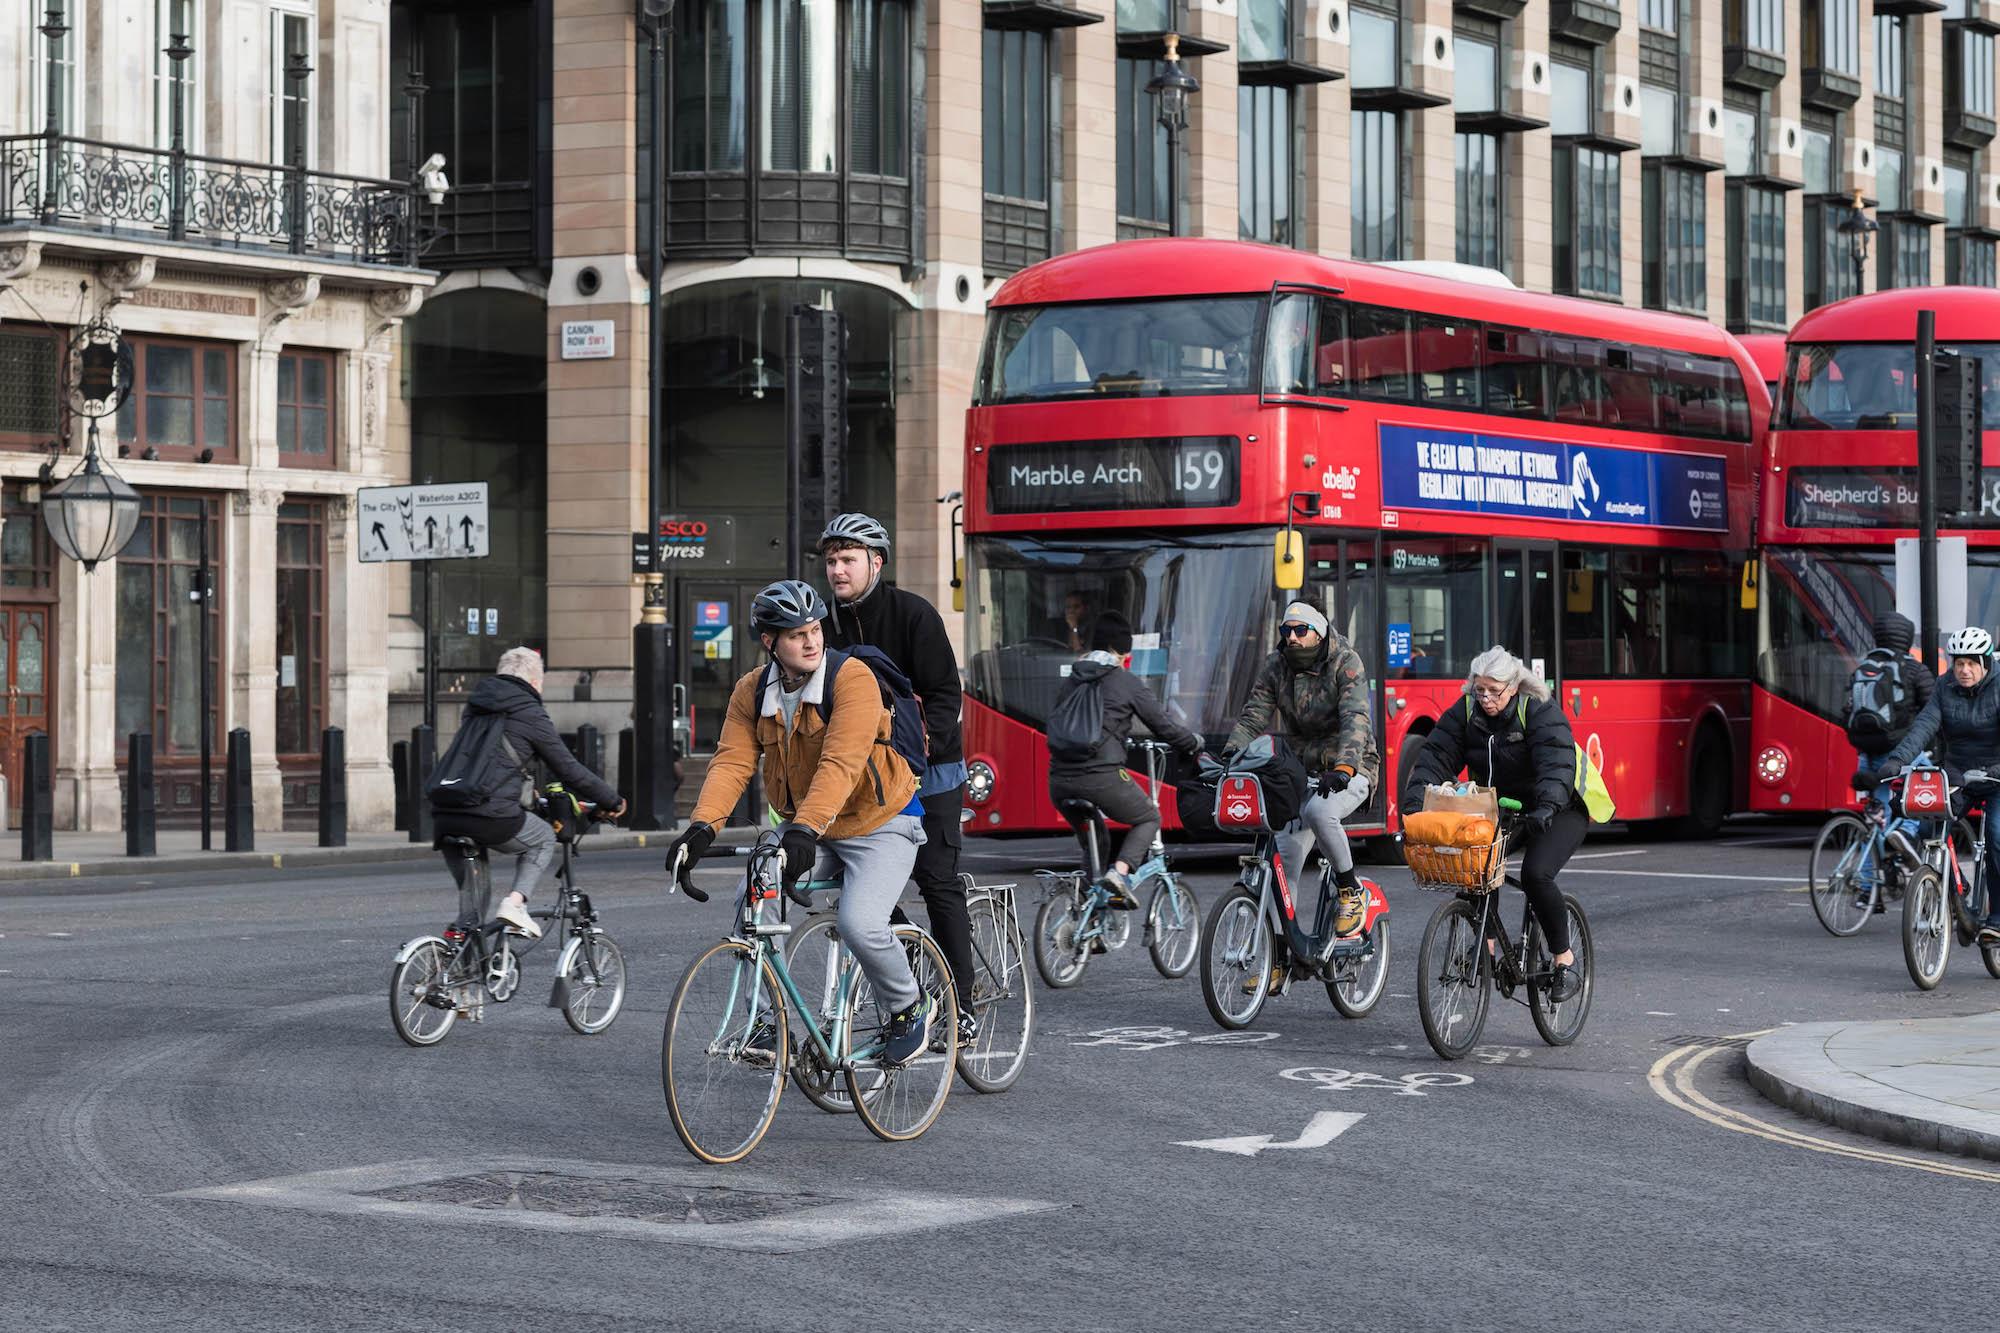 El consejo de Londres revisará la decisión de eliminar el carril bici de £ 320,000 después de solo siete semanas